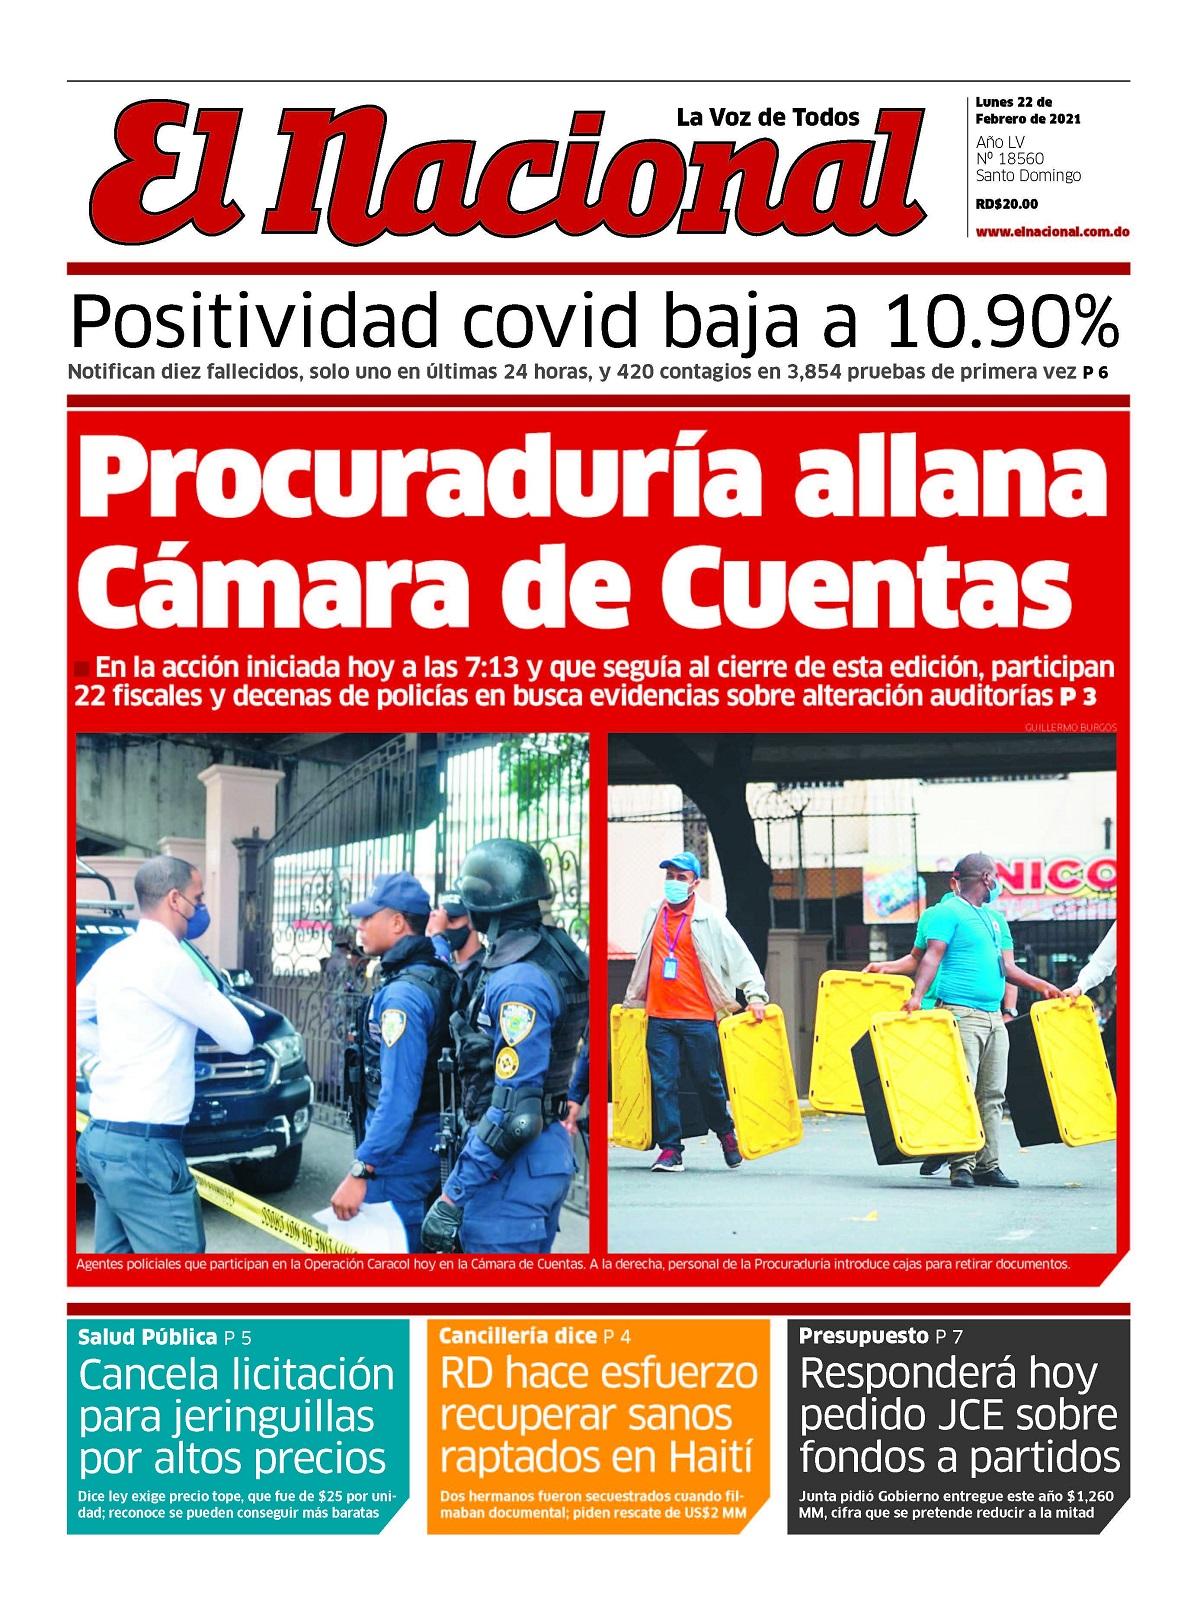 Portada Periódico El Nacional, Lunes 22 de Febrero, 2021